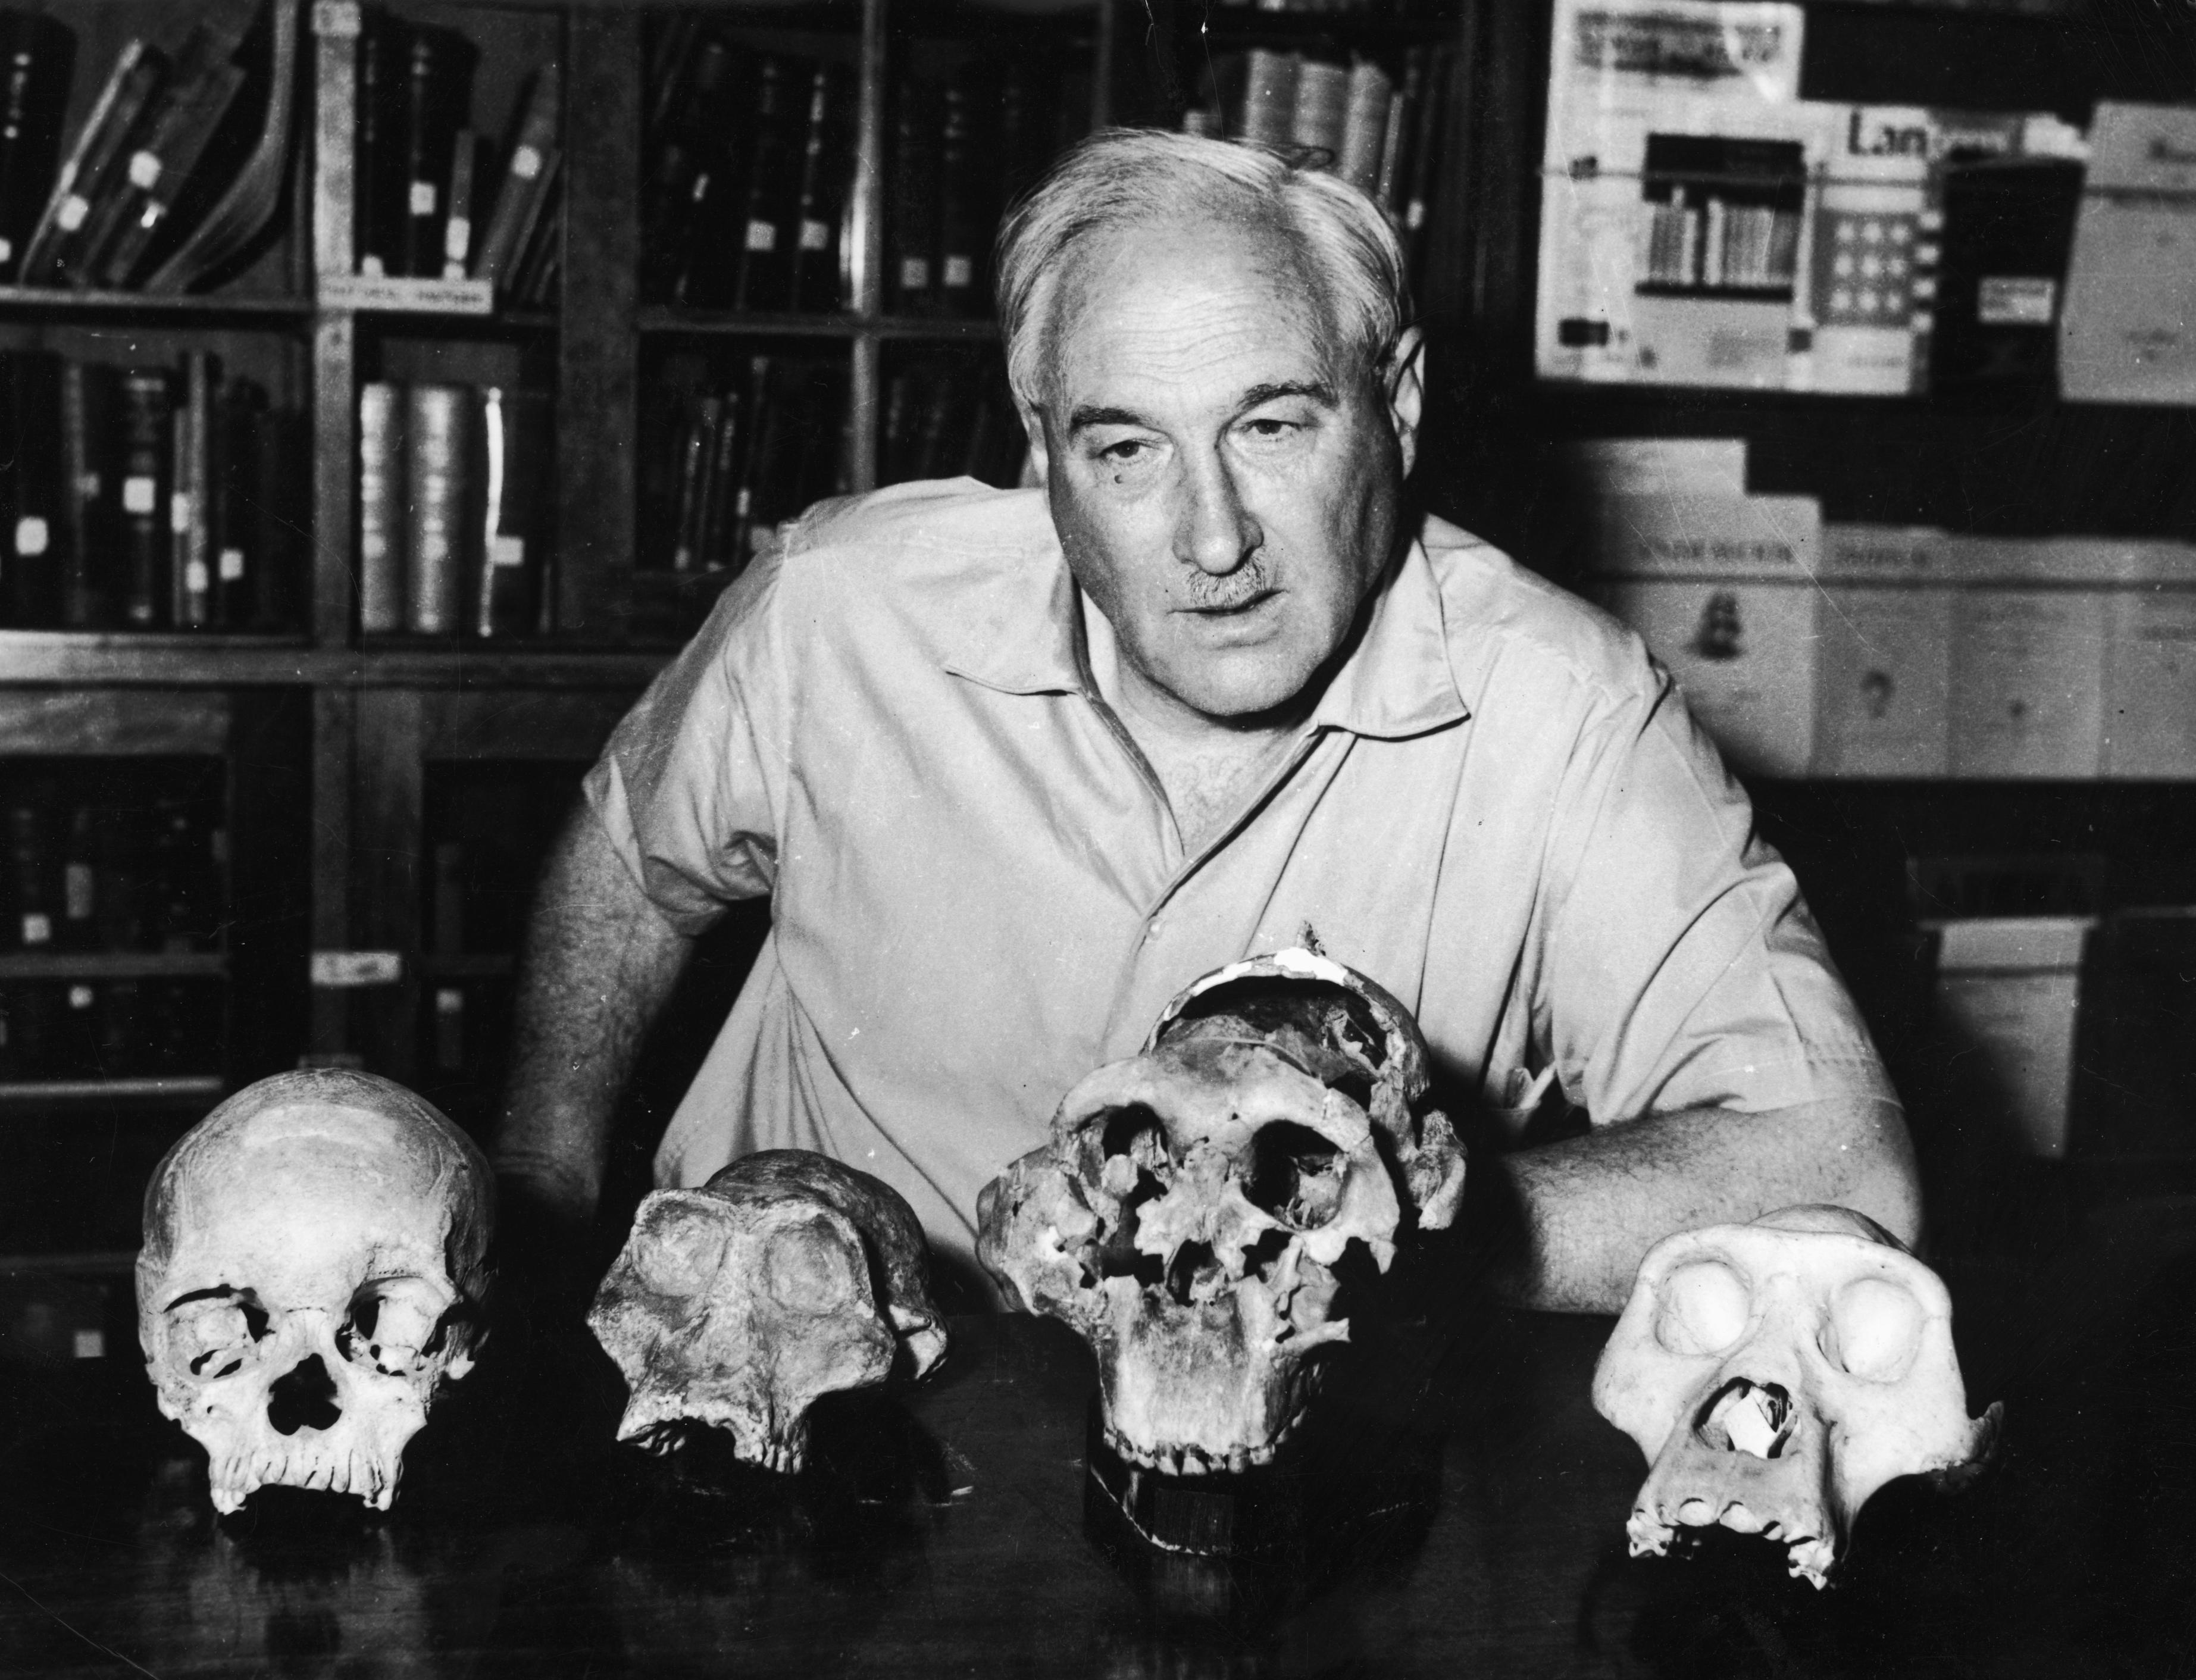 a biography of louis leakey a kenyan paleoanthropologist